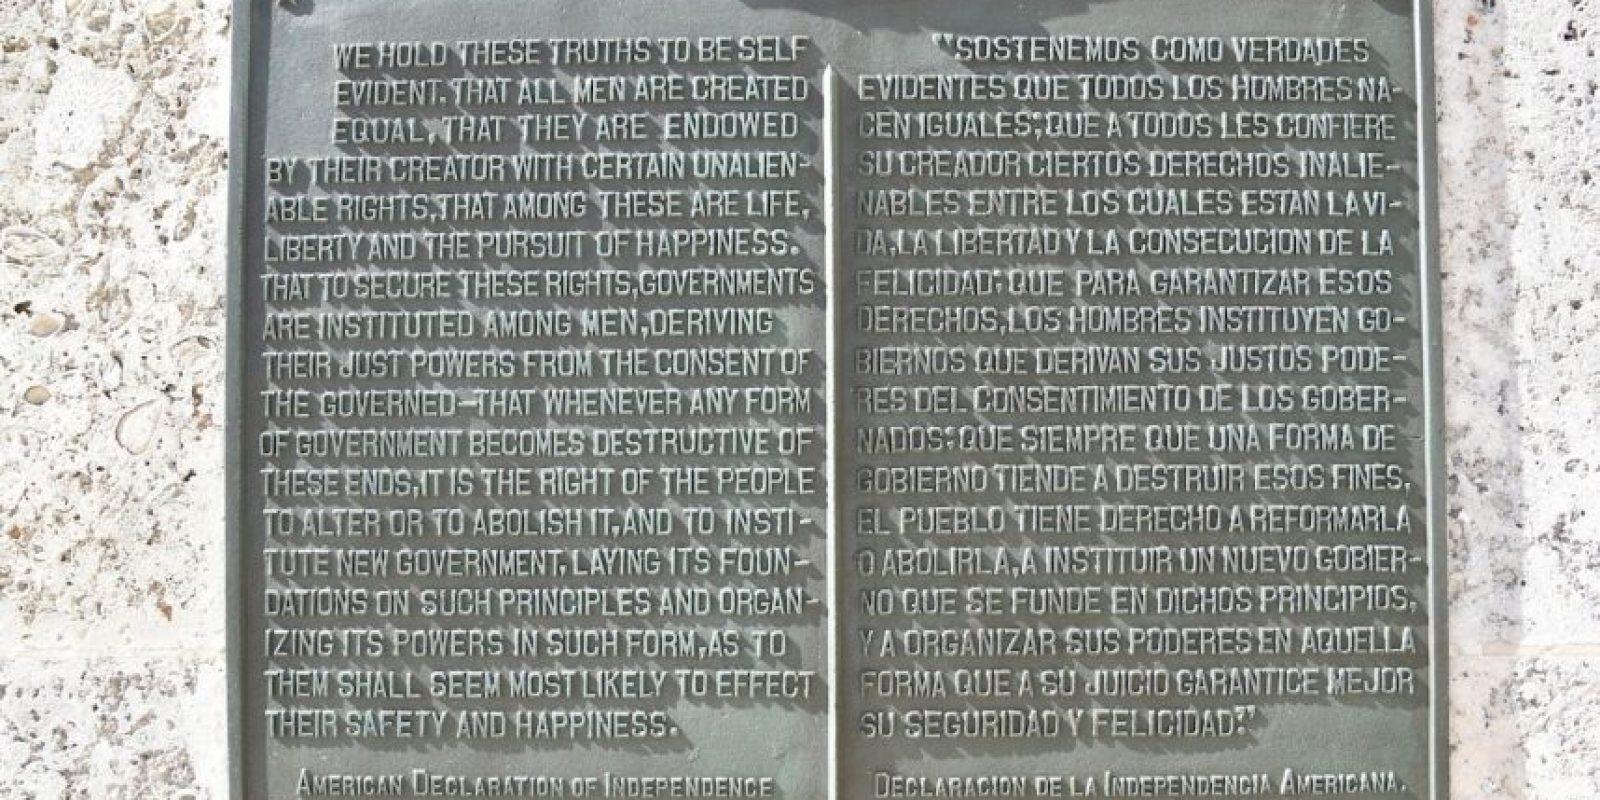 Una placa con la declaración de independencia de Estados Unidos ubicado en una de las paredes exteriores del edificio diplomático. Foto:AFP